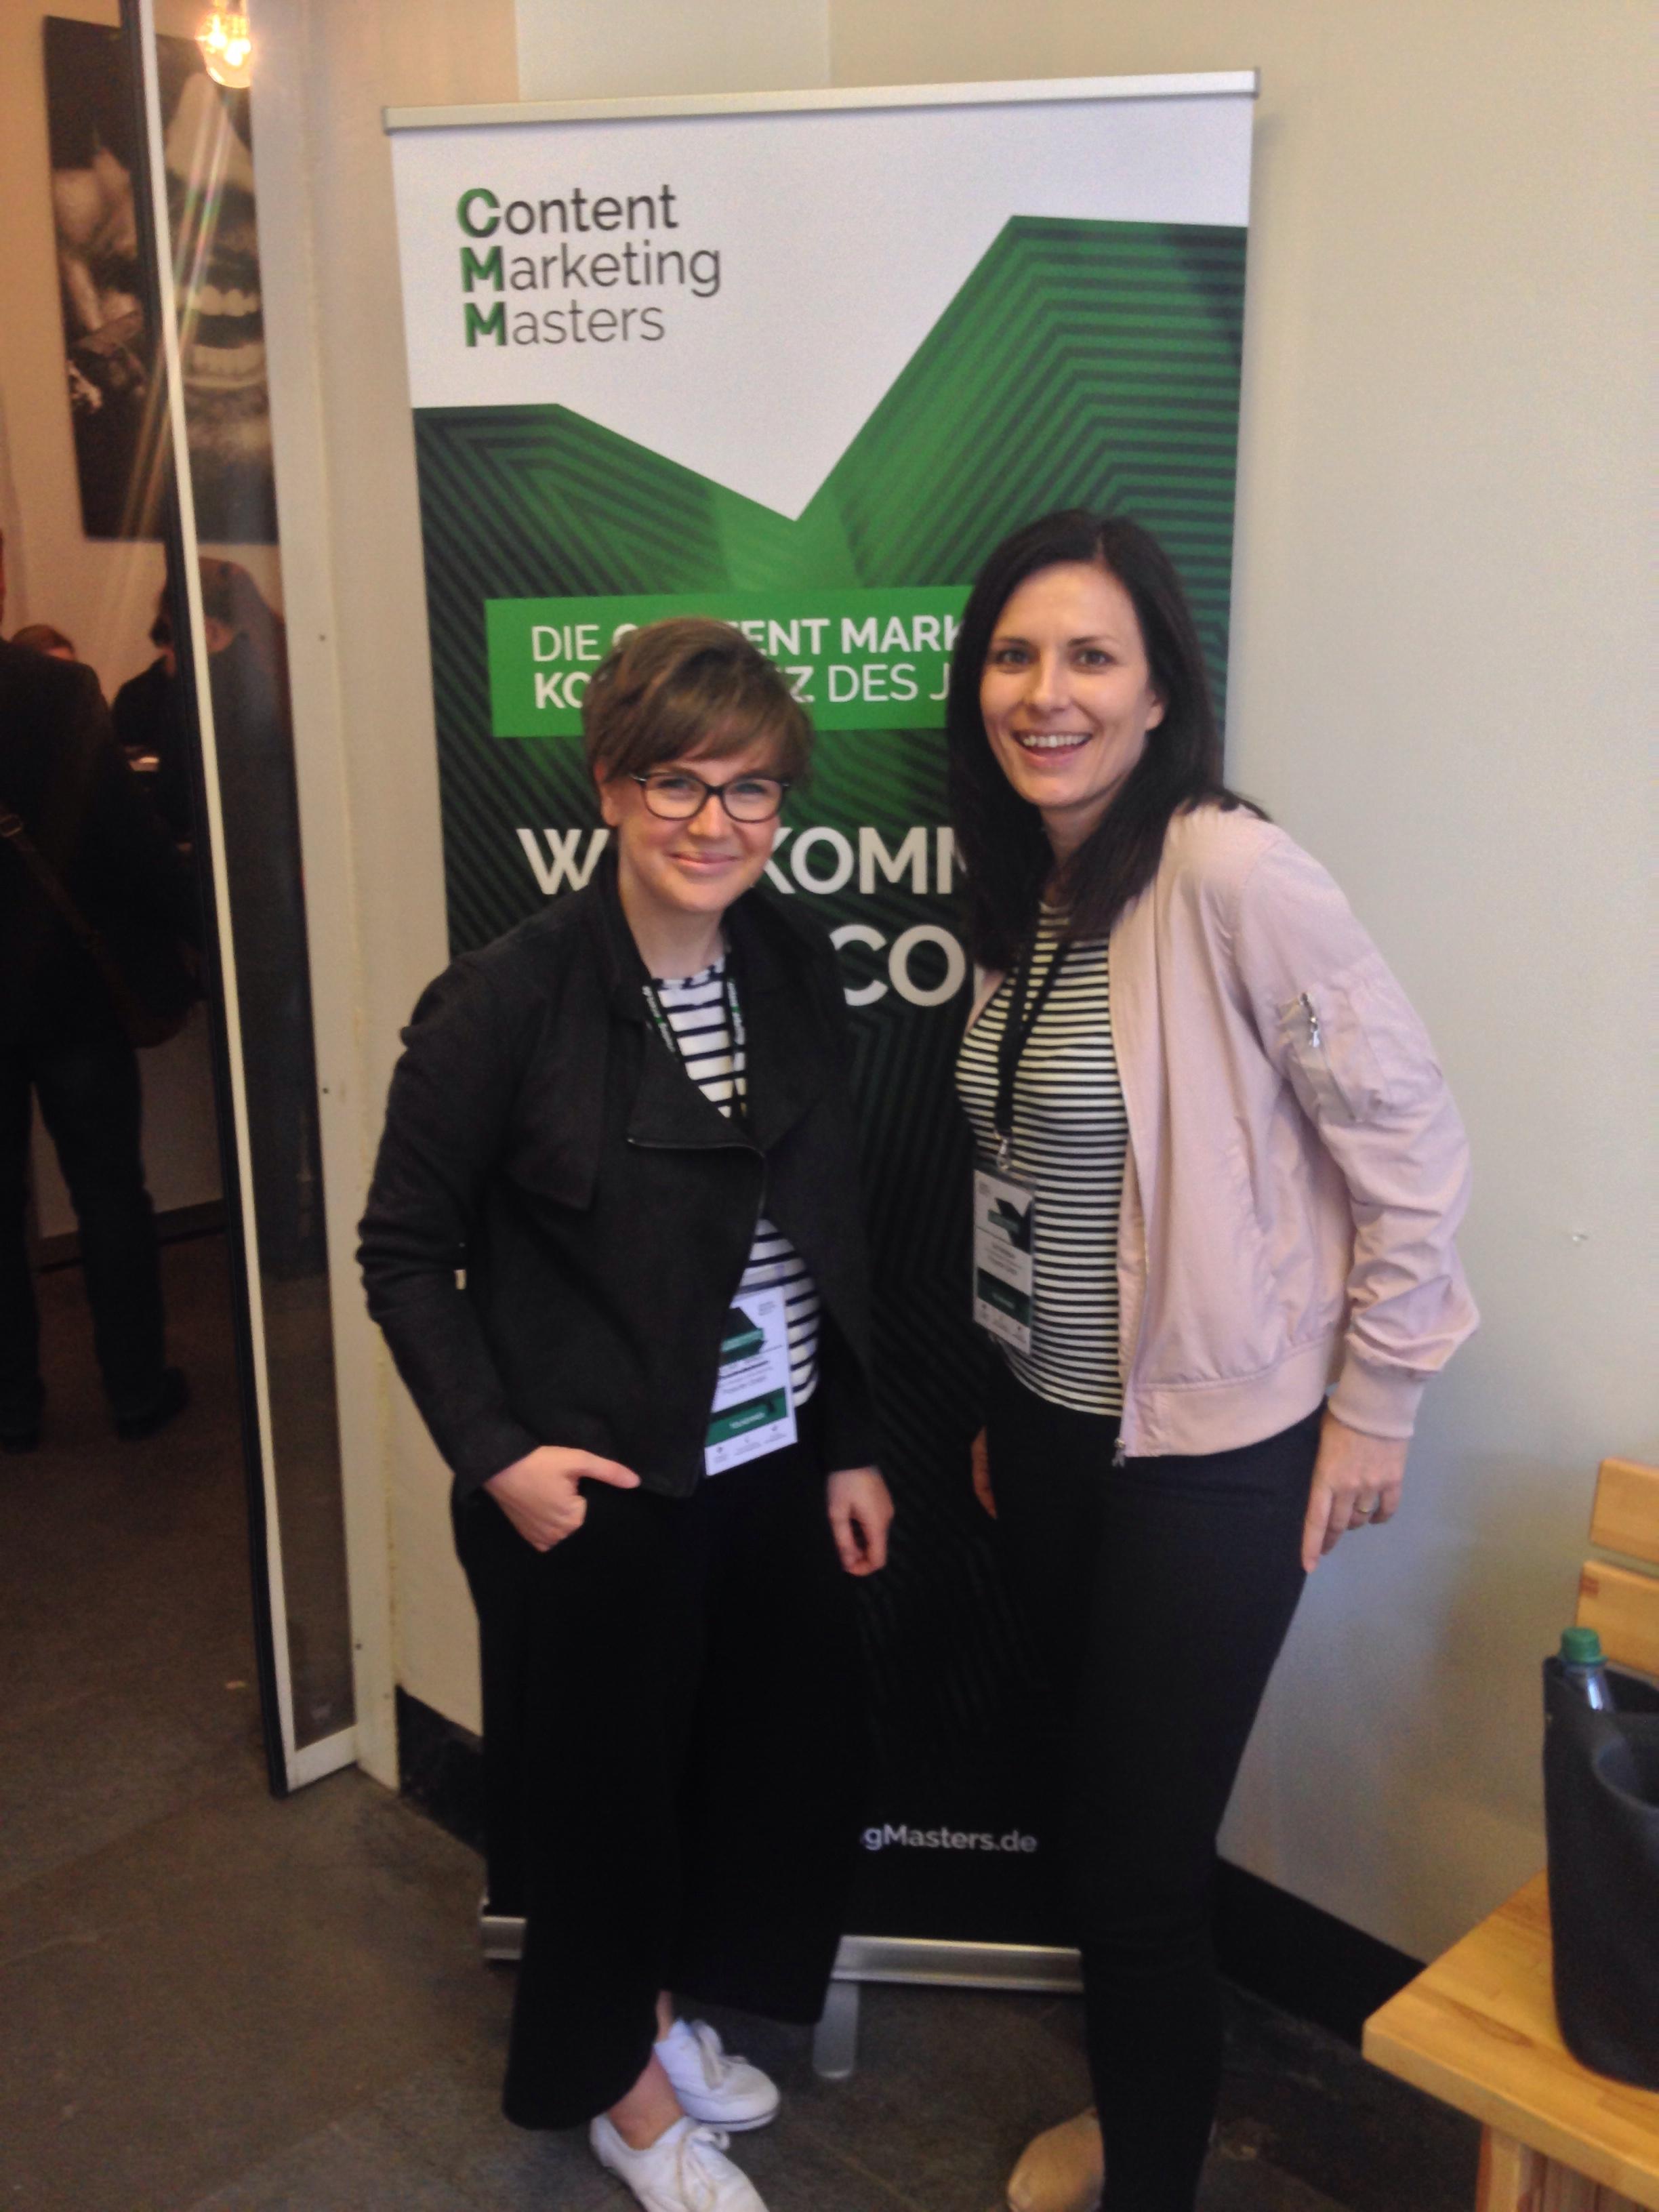 Grit und Claire bei der Content Marketing Masters 2017